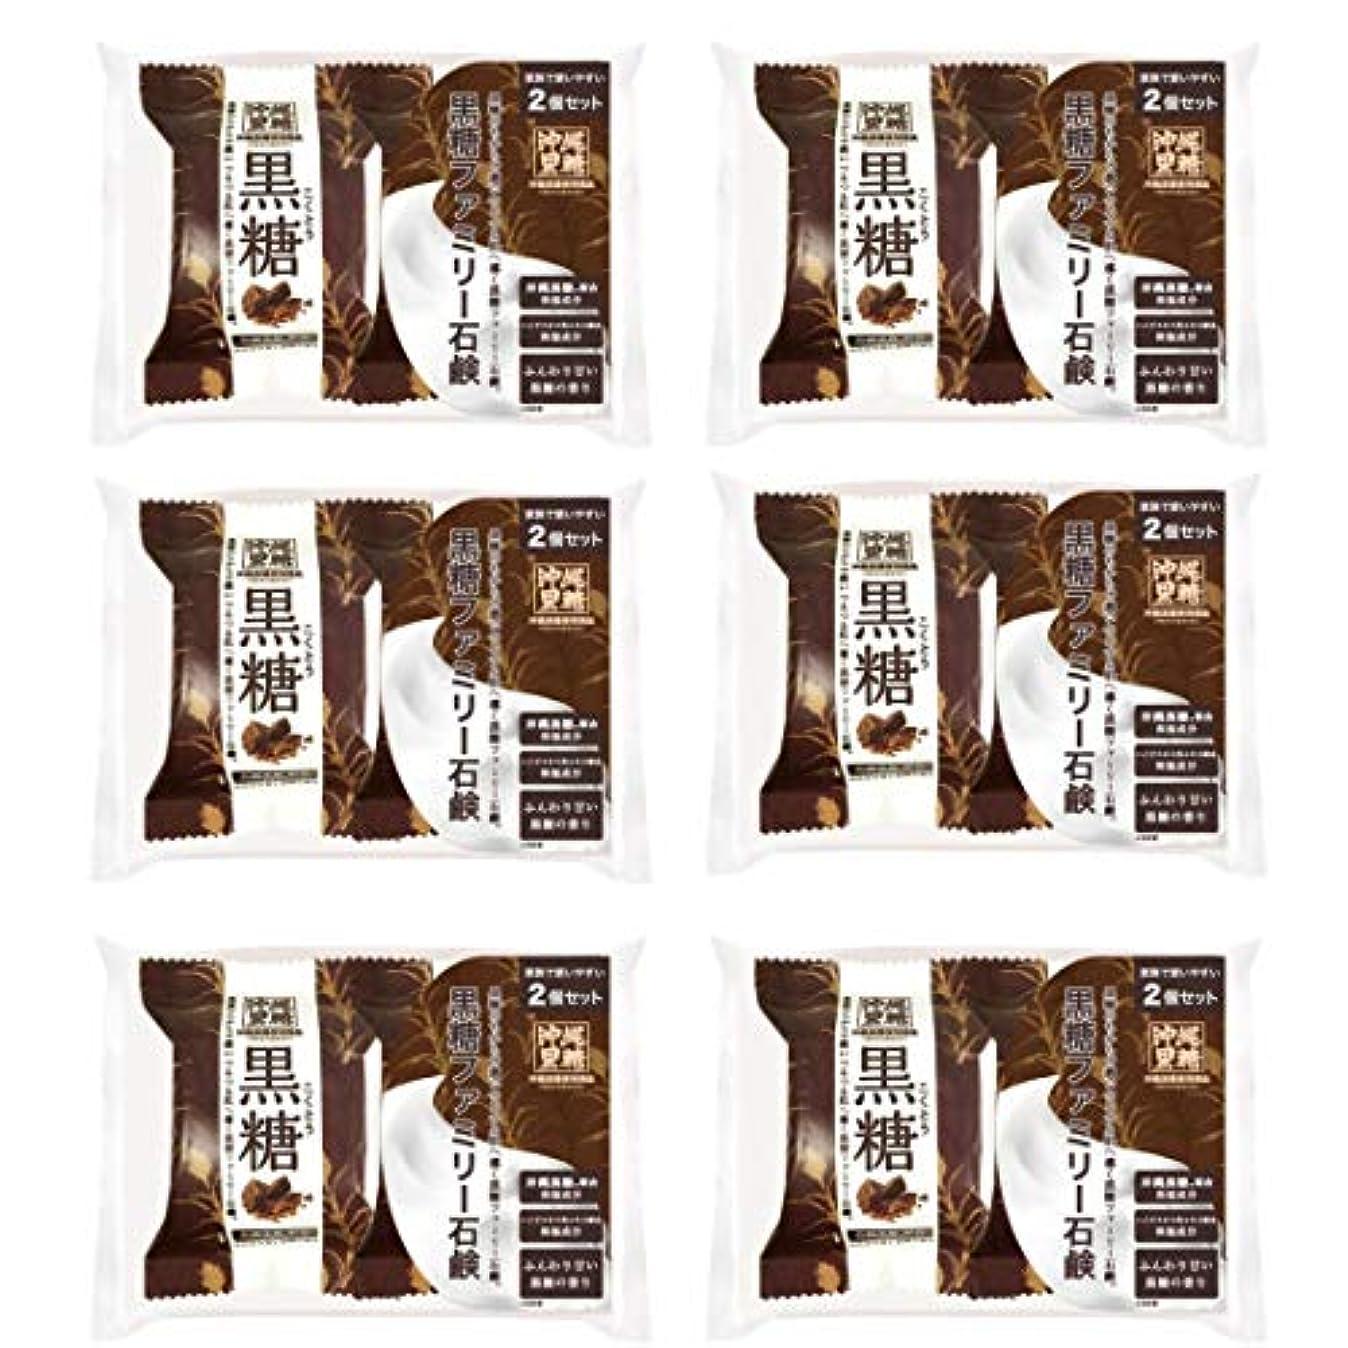 コンセンサス下位洗う【6個セット】ペリカン石鹸 ファミリー黒糖石鹸 80g×2個